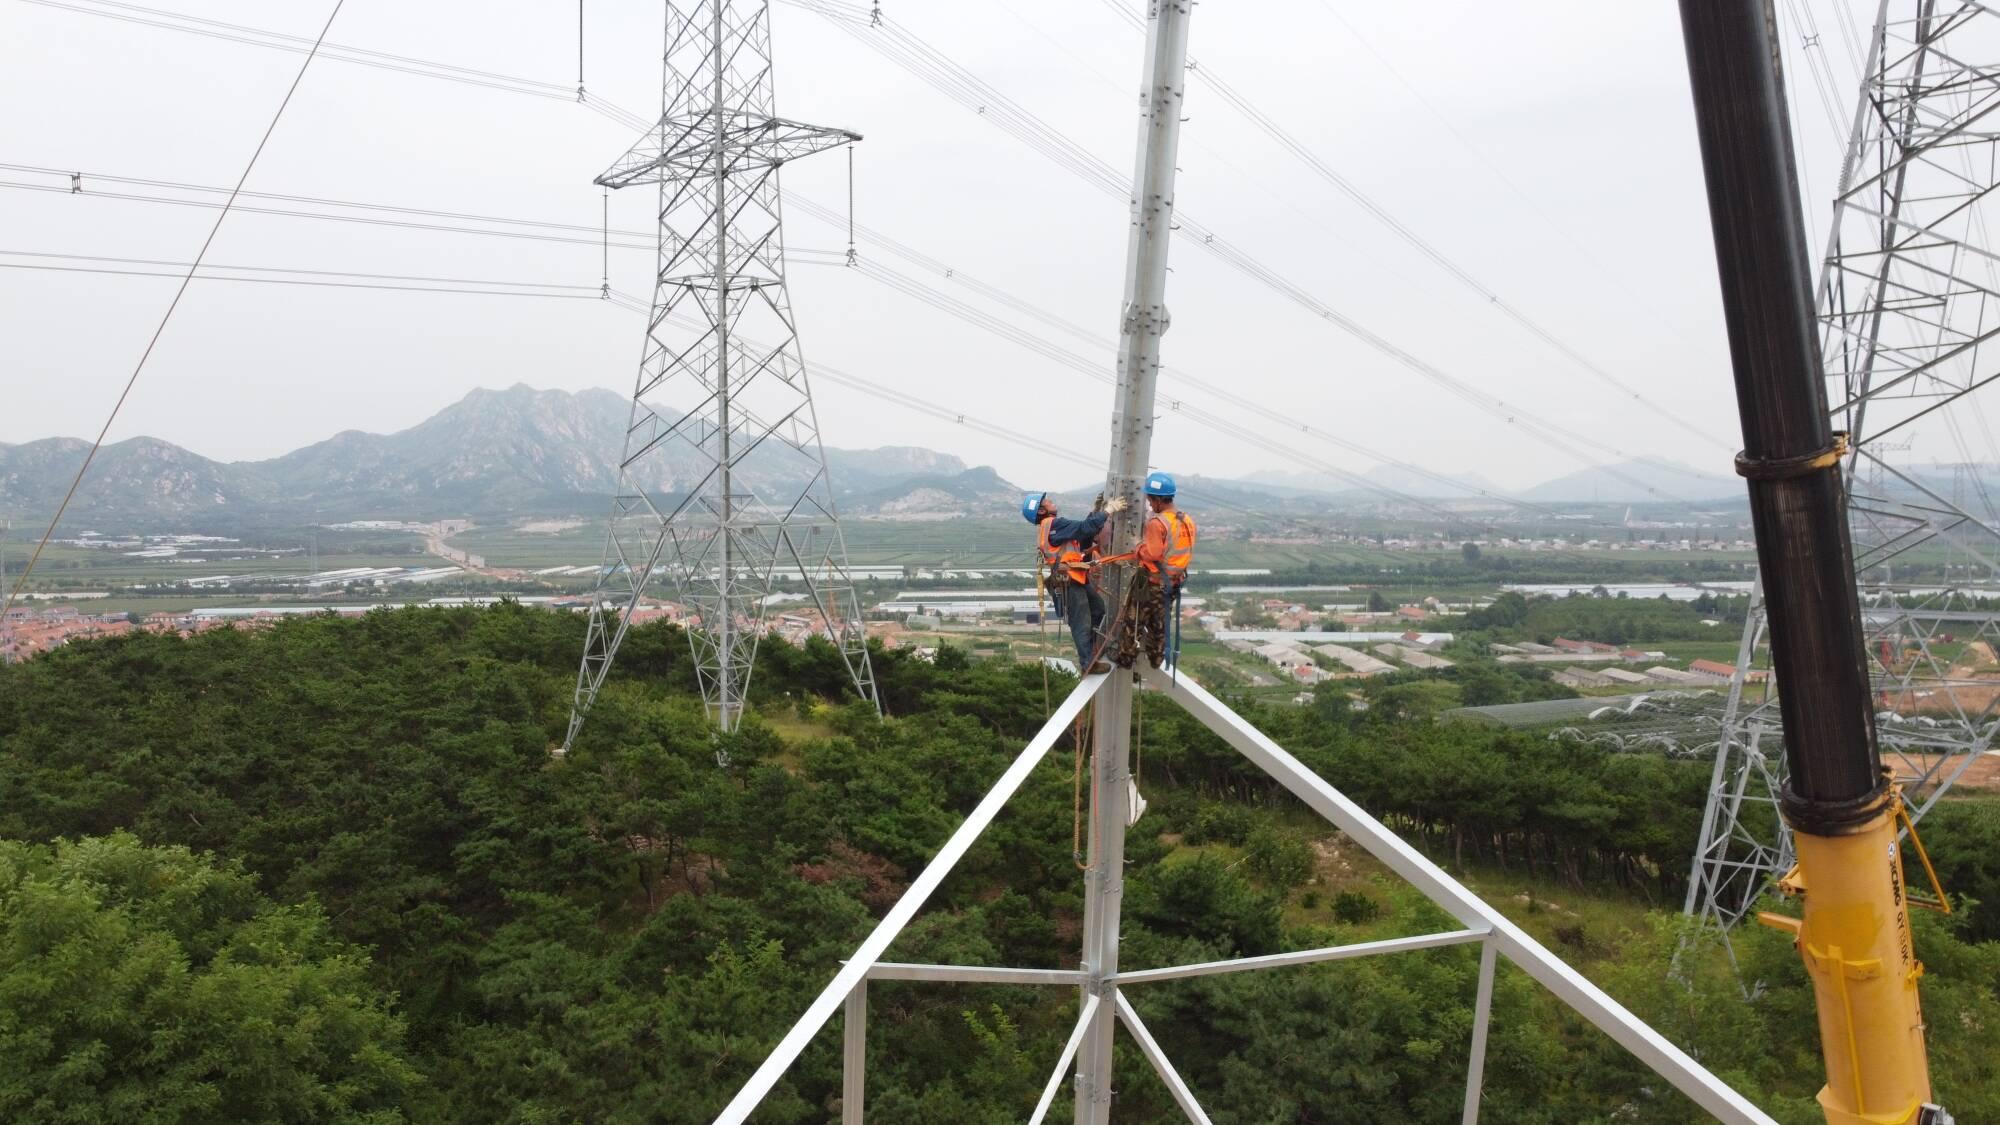 莱荣高铁首条、电压等级最高500kV核泽ⅠⅡ线正式停电迁改